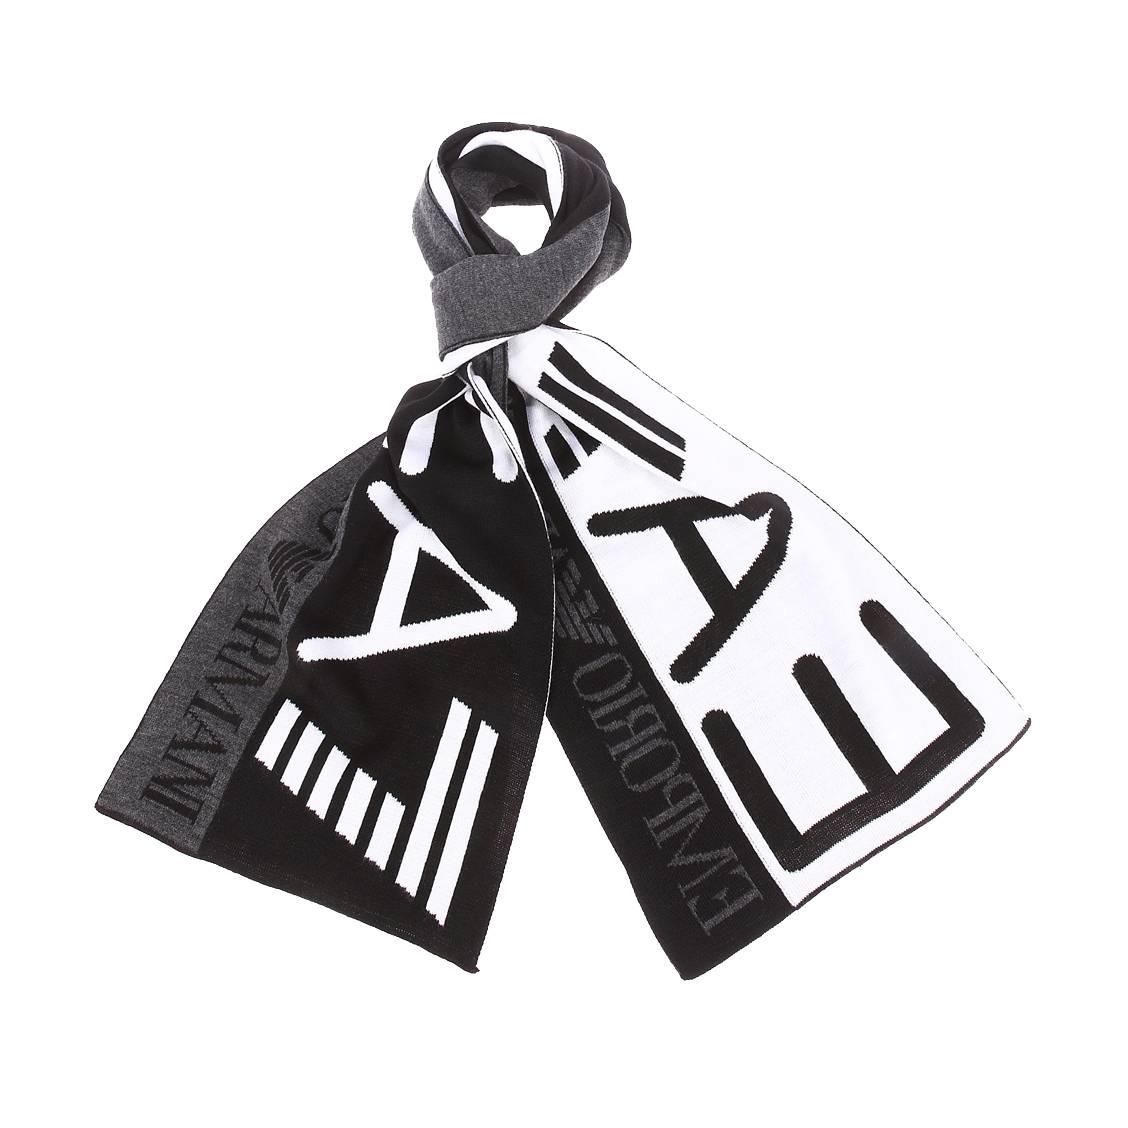 Echarpe  noire et blanche monogrammée